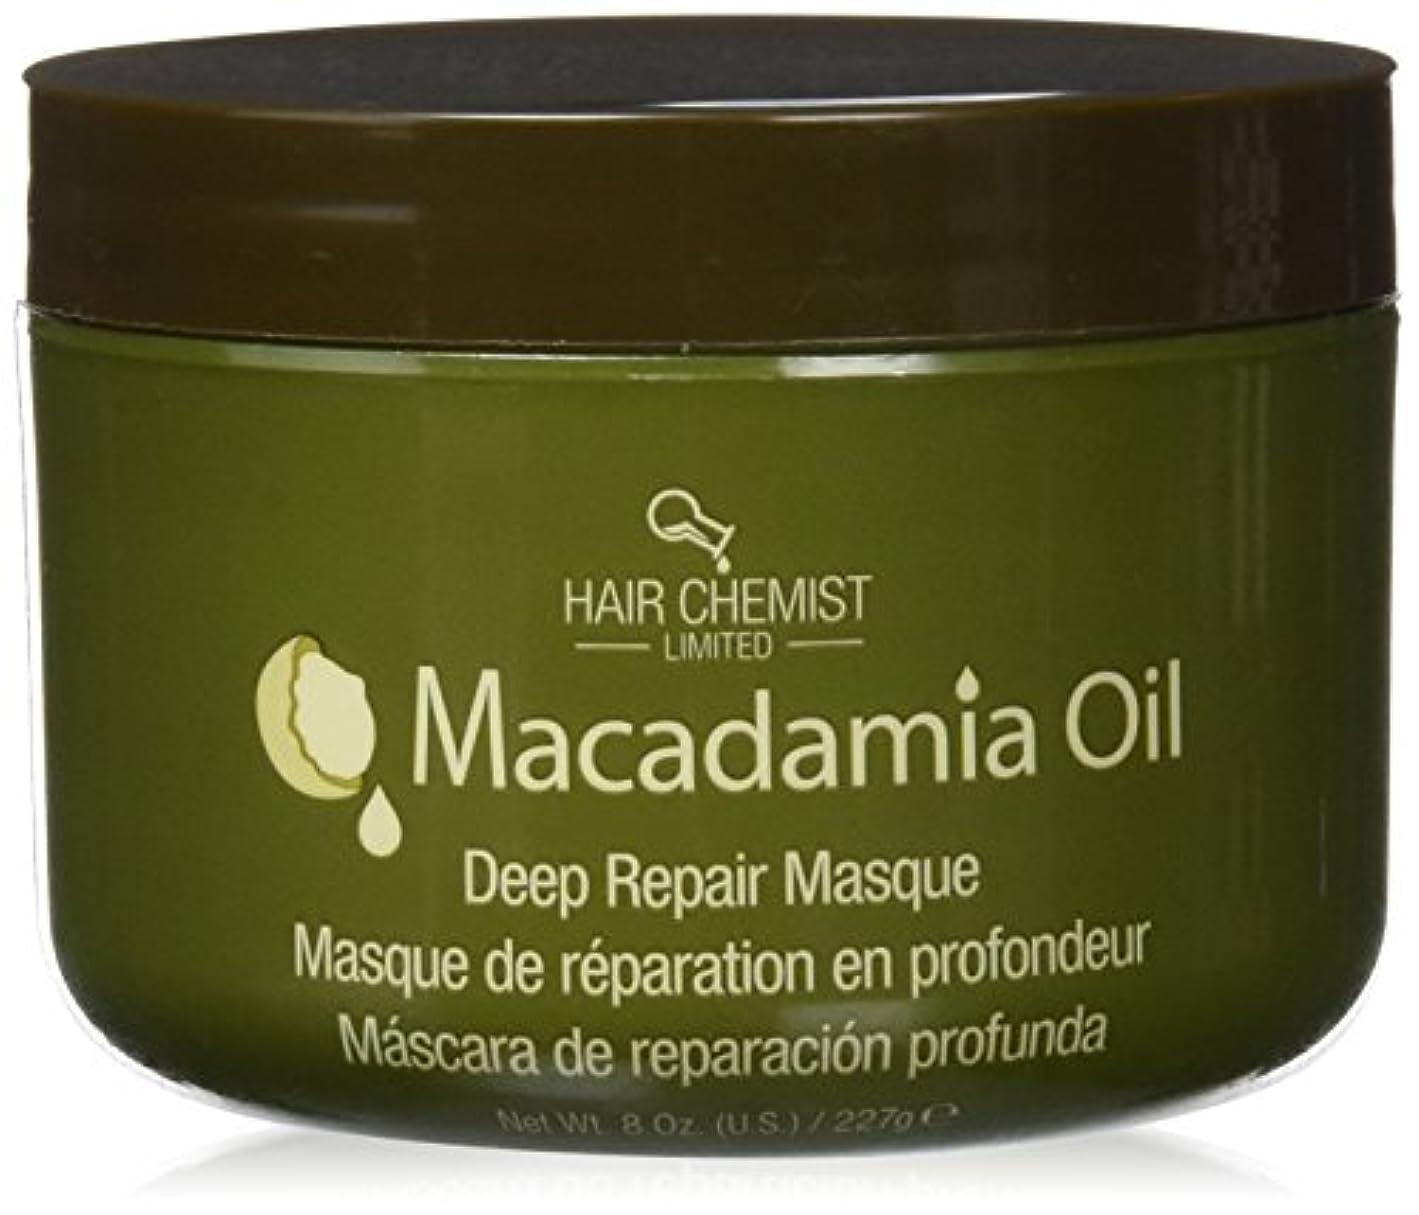 リール絶壁シェルターHair Chemist ヘアマスク マカダミア オイル ディープリペアマスク 227g Macadamia Oil Deep Repair Mask 1434 New York